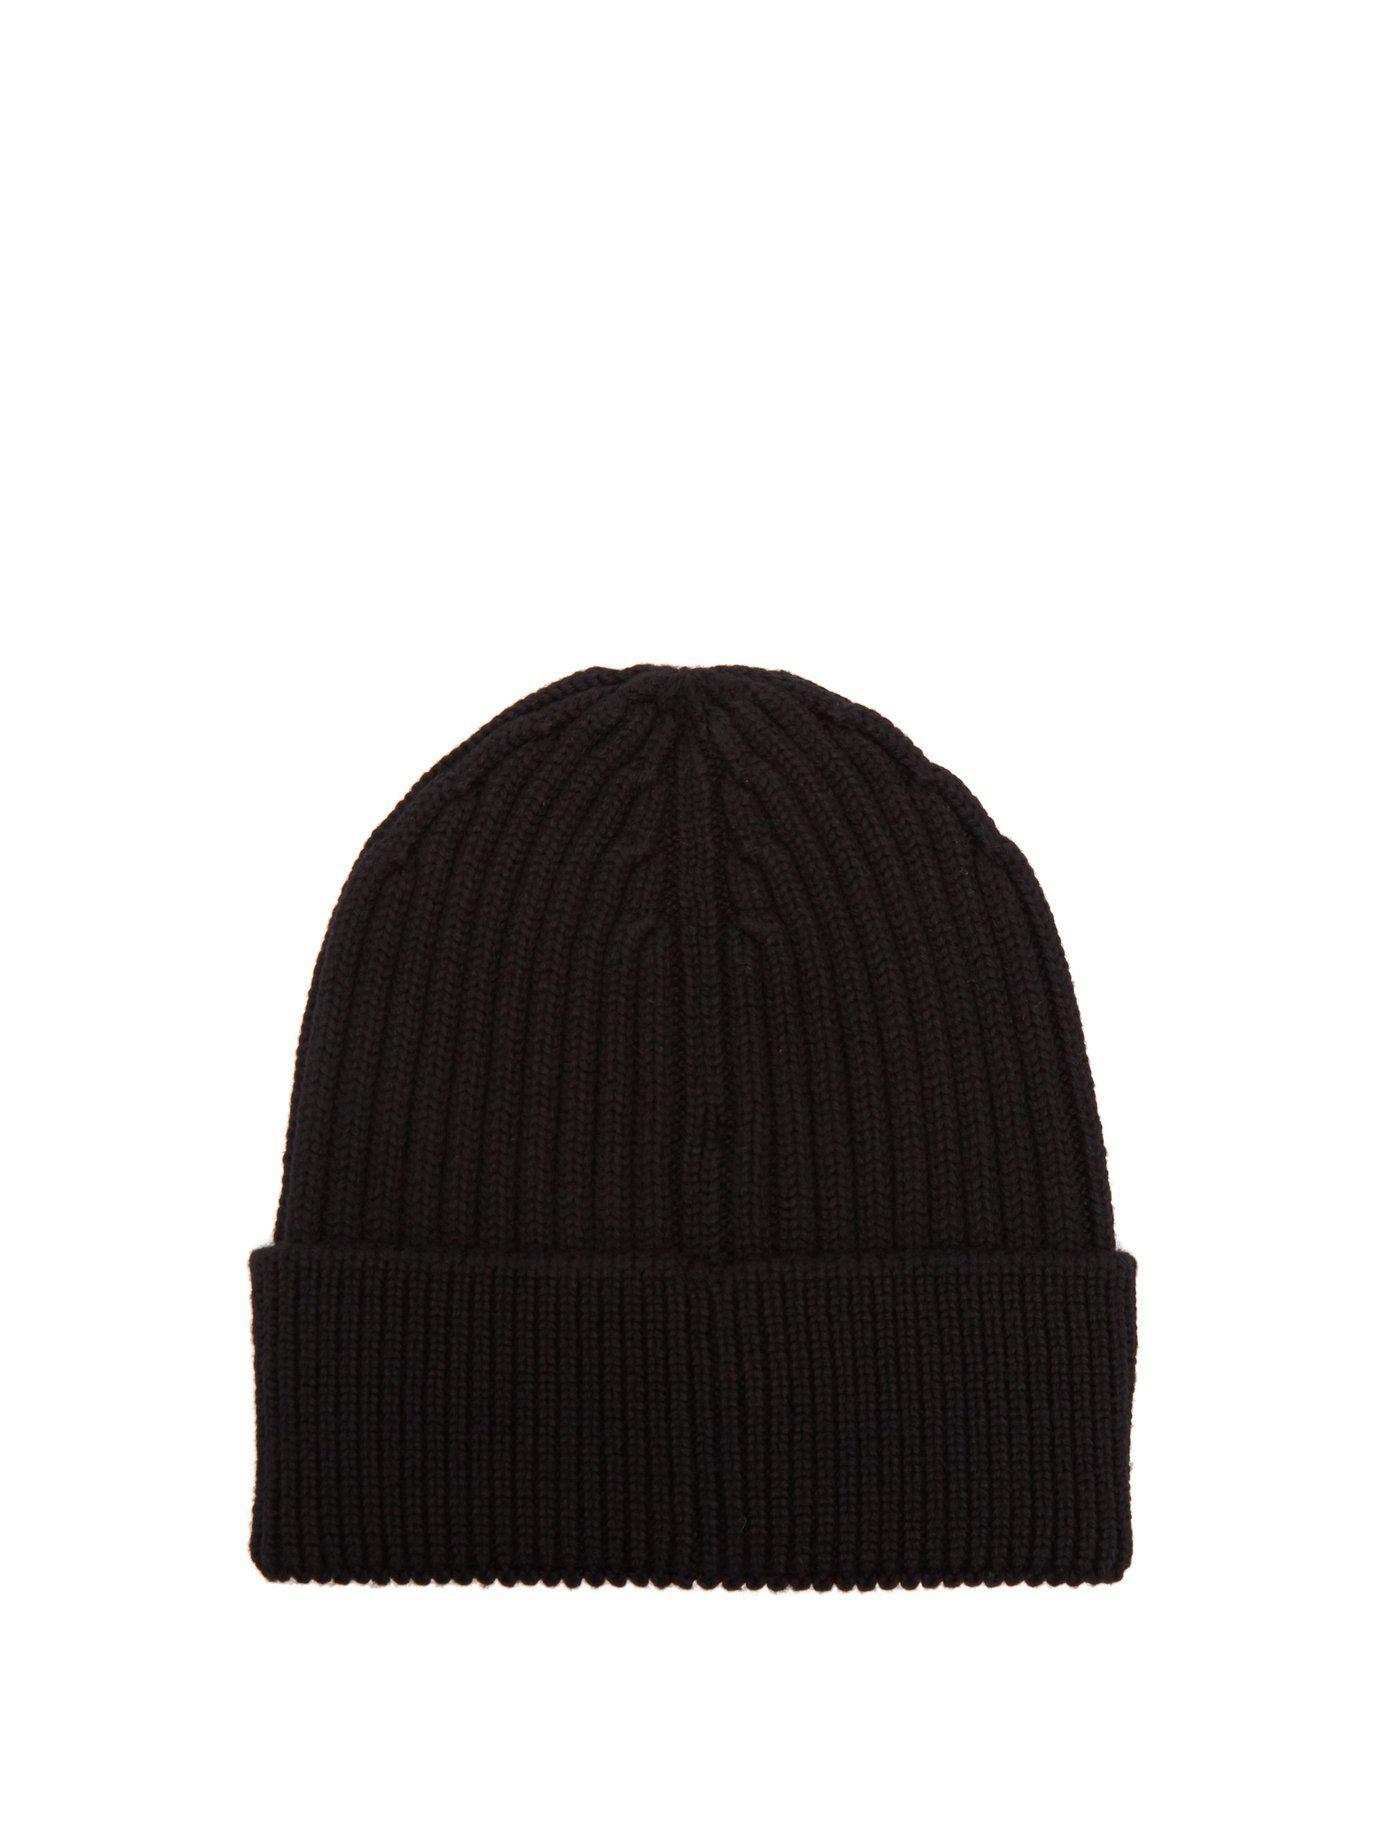 13388323734eb Moncler Grenoble - Black Logo Virgin Wool Beanie Hat for Men - Lyst. View  fullscreen